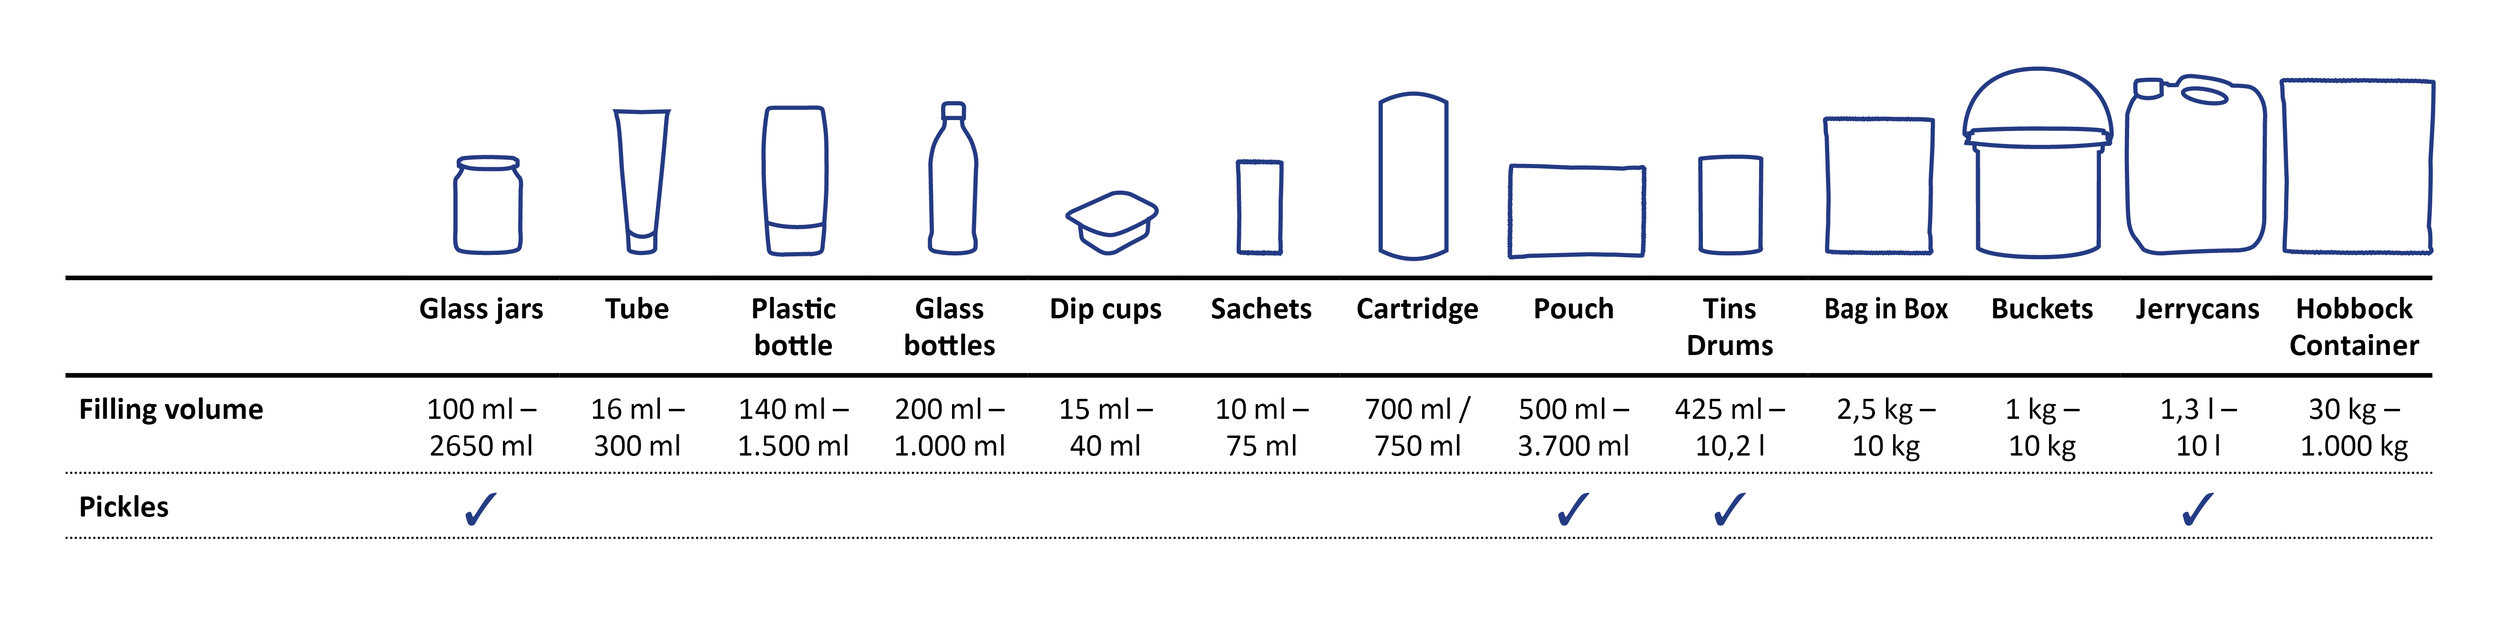 packaging-overview-sueko-pickles.jpg